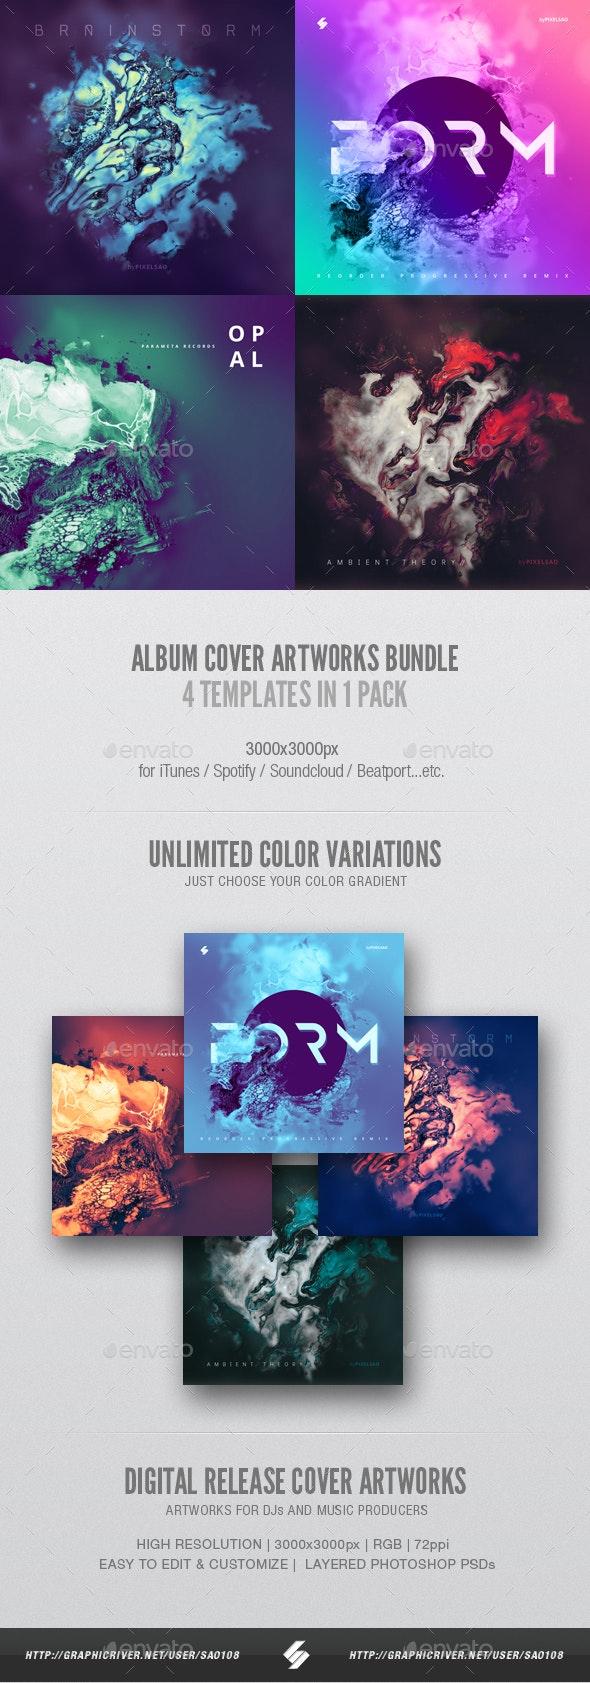 Abstract Album Cover Artwork Templates Bundle - Miscellaneous Social Media